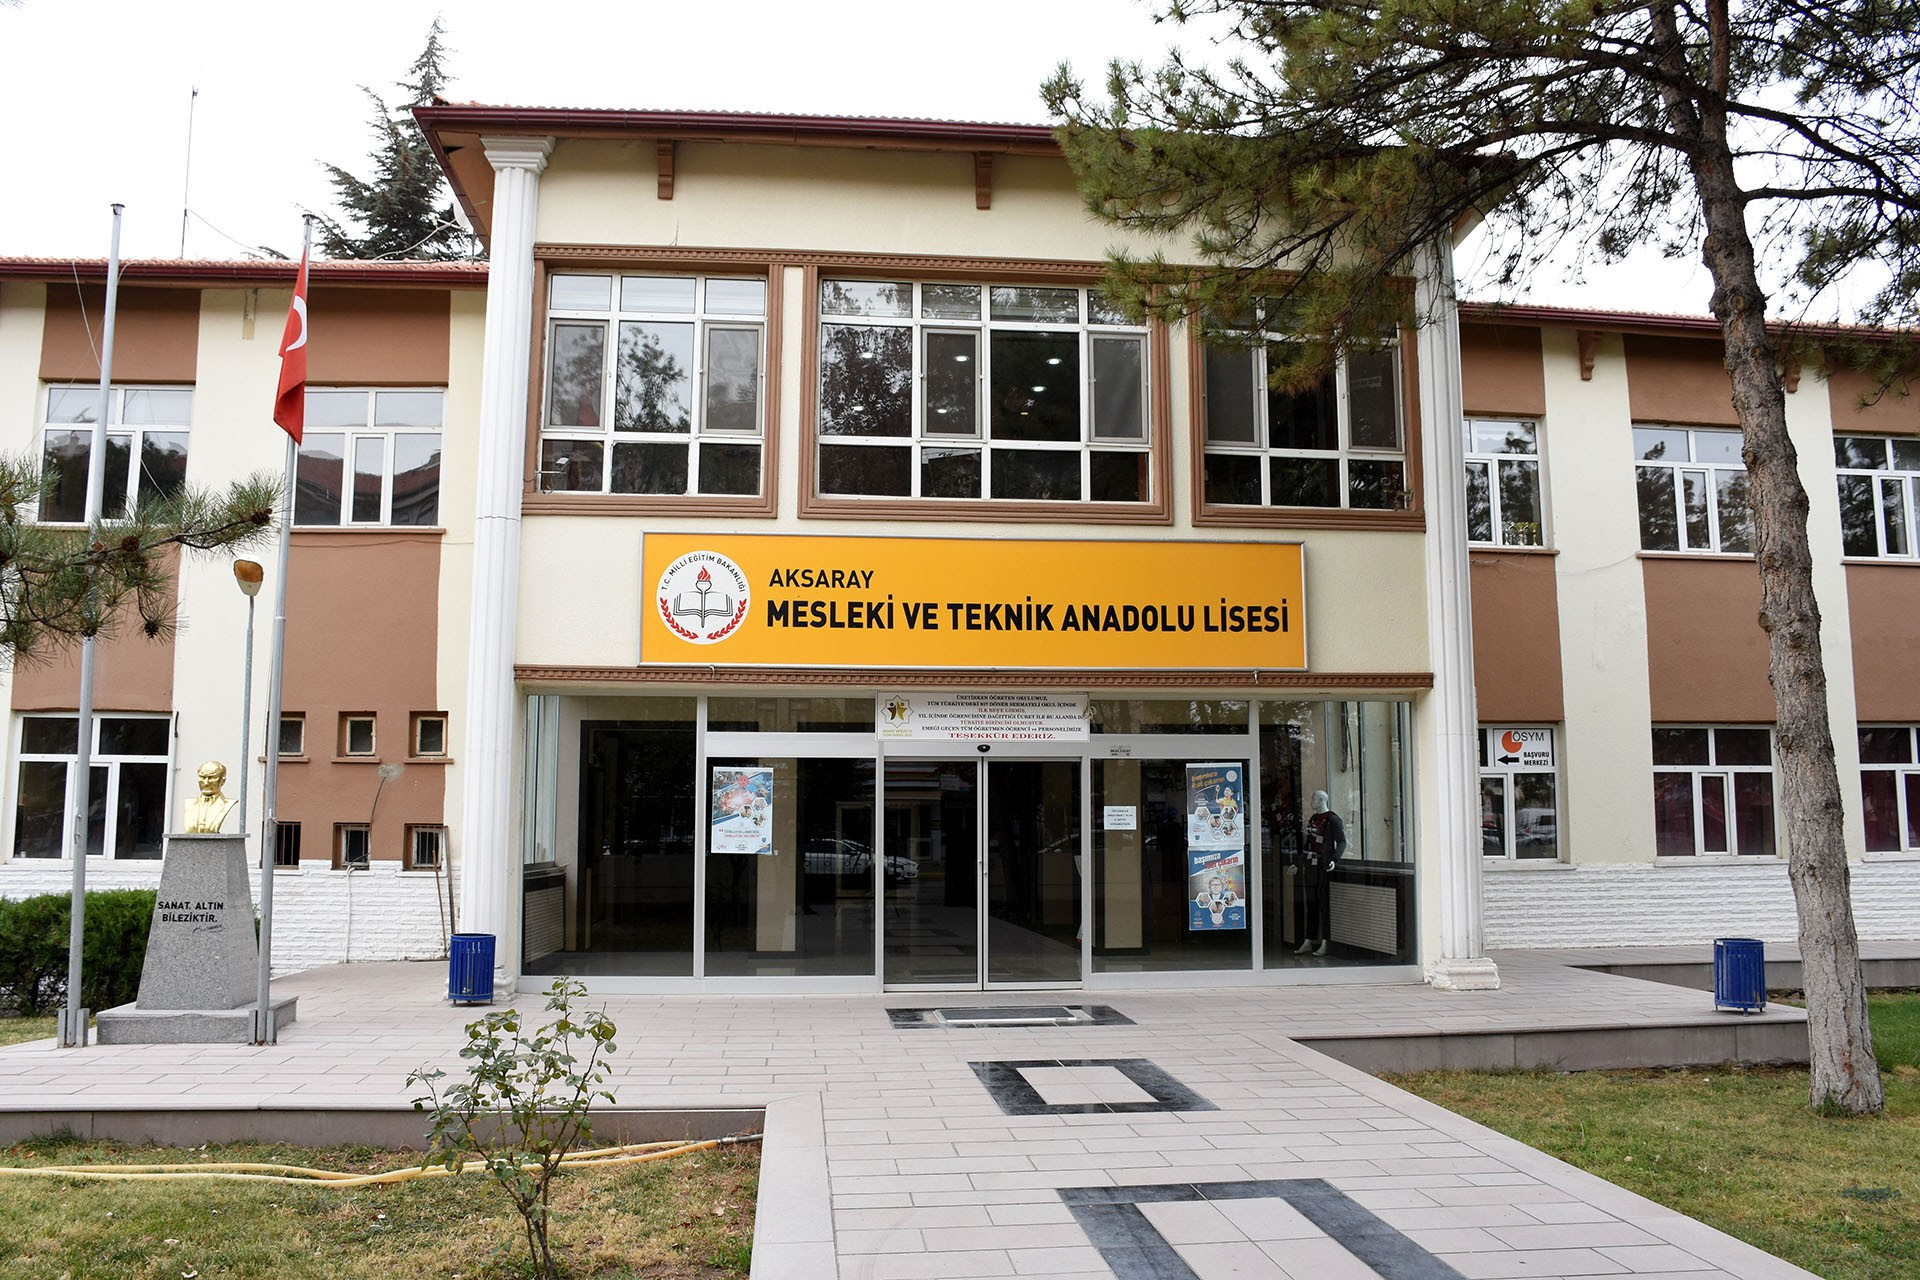 Aksaray Mesleki ve Teknik Anadolu Lisesi binası